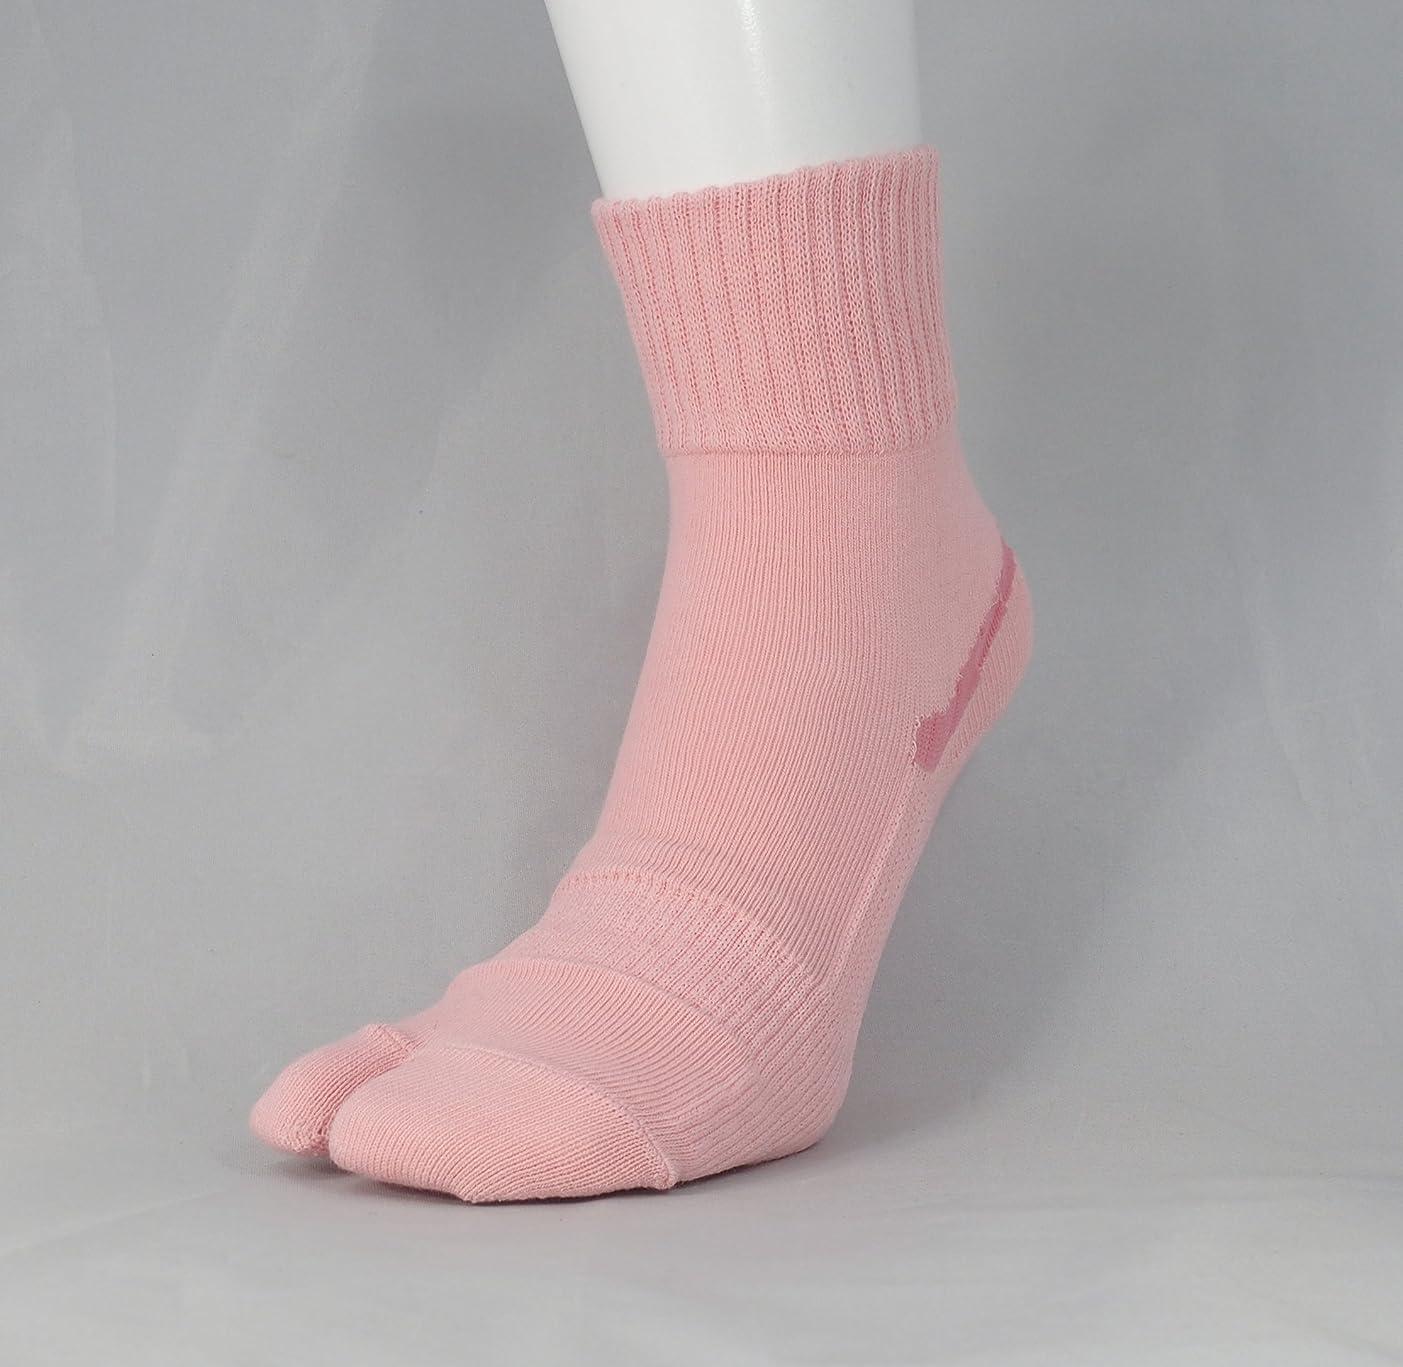 嫉妬実施するびん【あしサポ】履くだけで足がラクにひらく靴下 外反母趾に (Mサイズ(23-24センチ), ピンク)